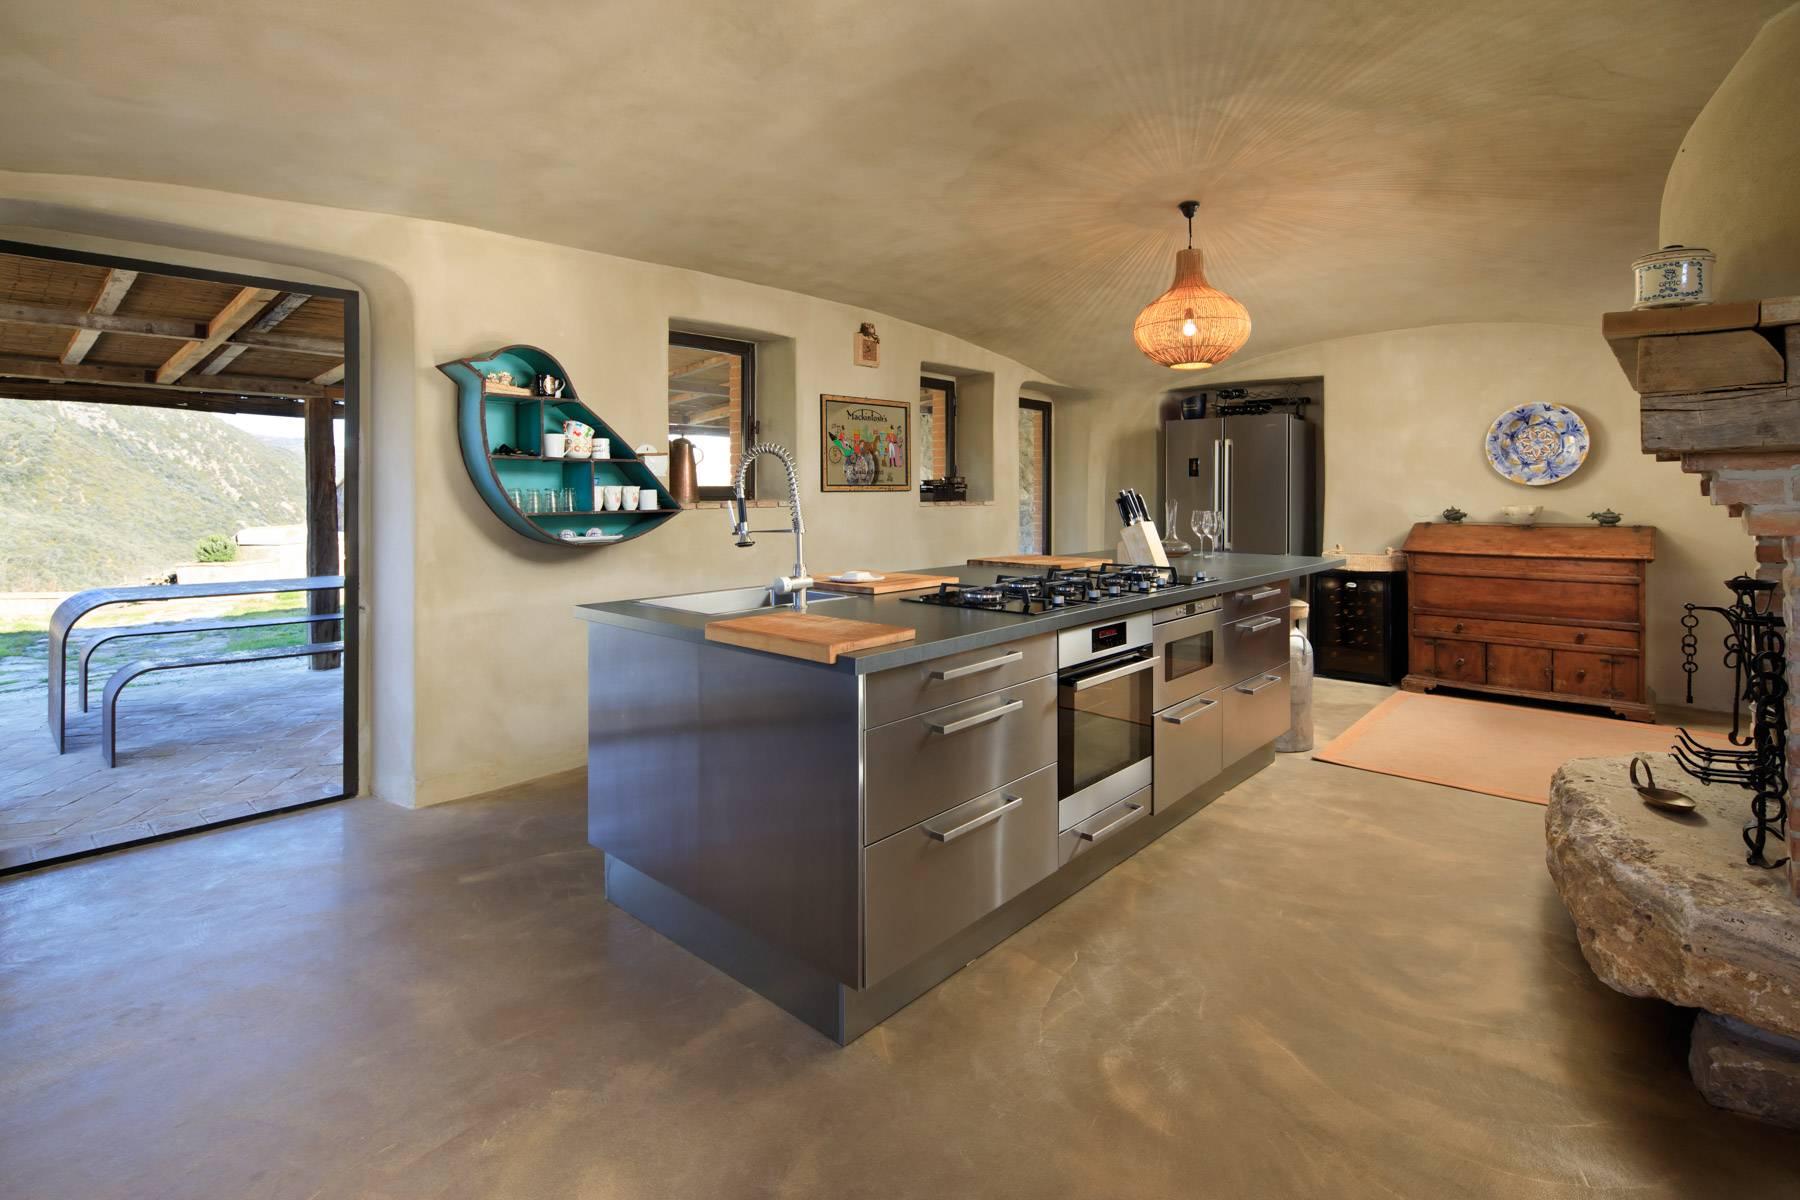 Rustico in Vendita a Castiglione D'Orcia: 5 locali, 716 mq - Foto 15